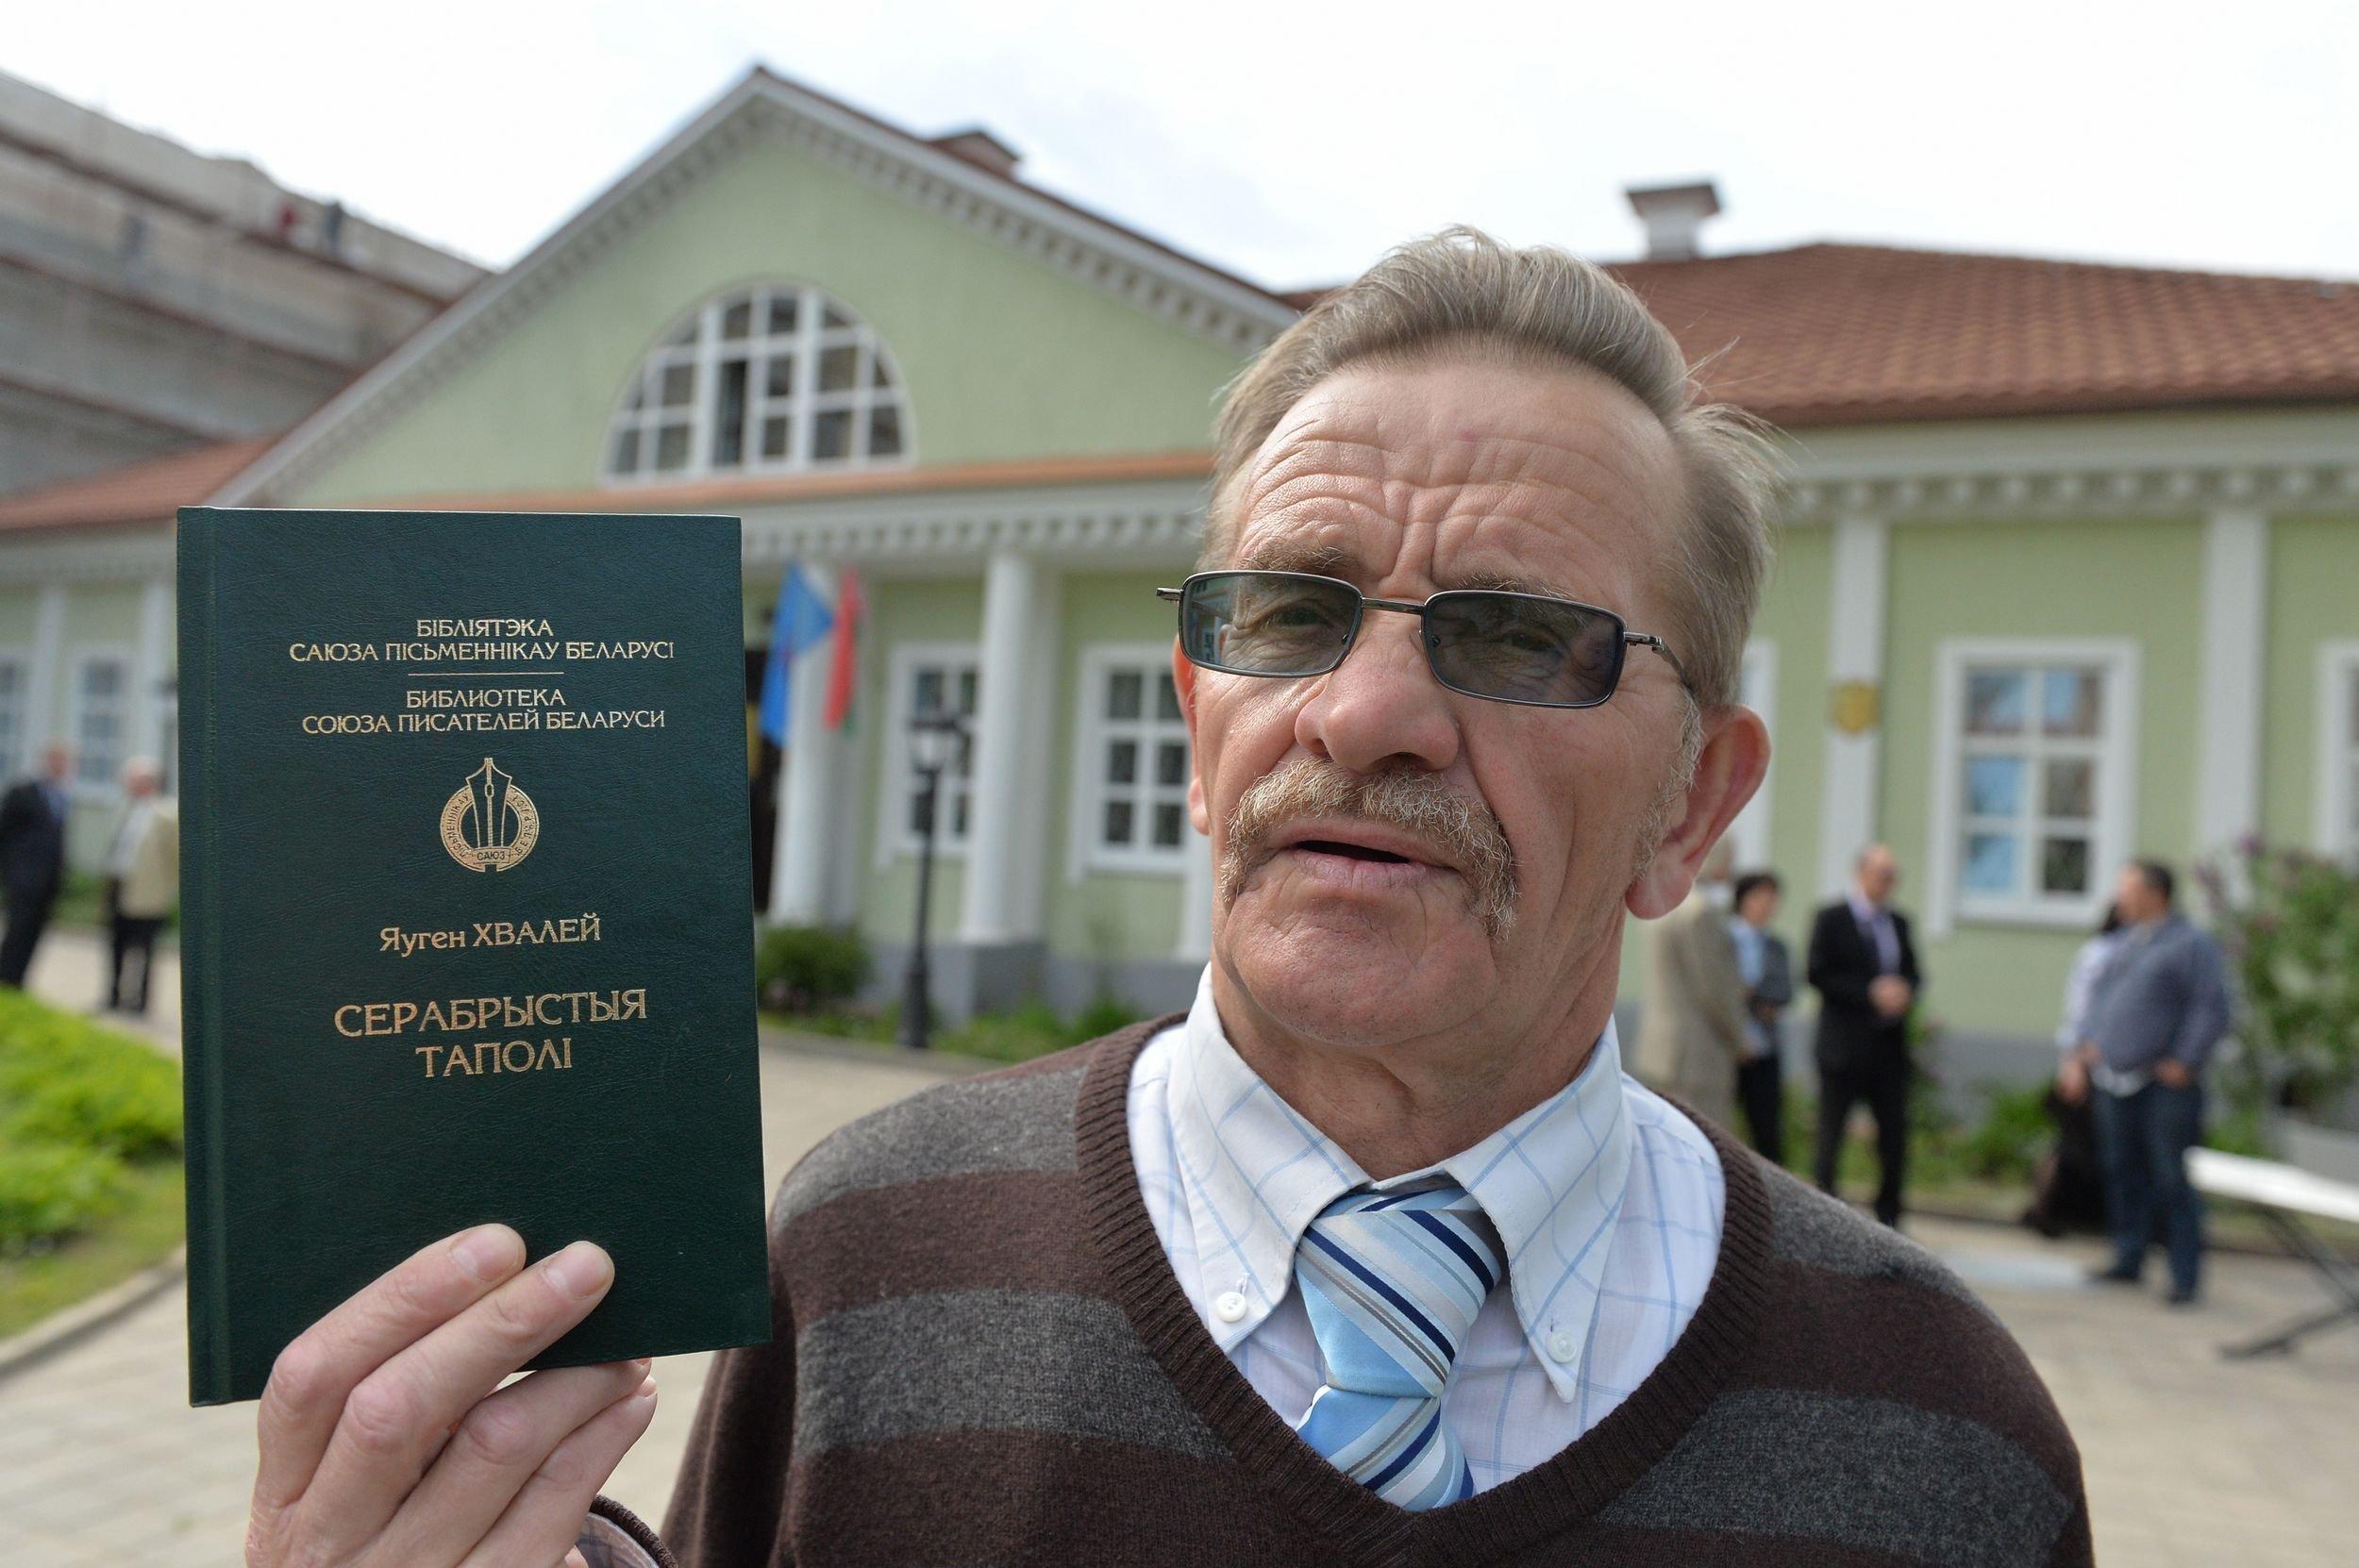 Беларускі пісьменнік Яўген Хвалей са сваёй кнігай Серабрыстыя таполі